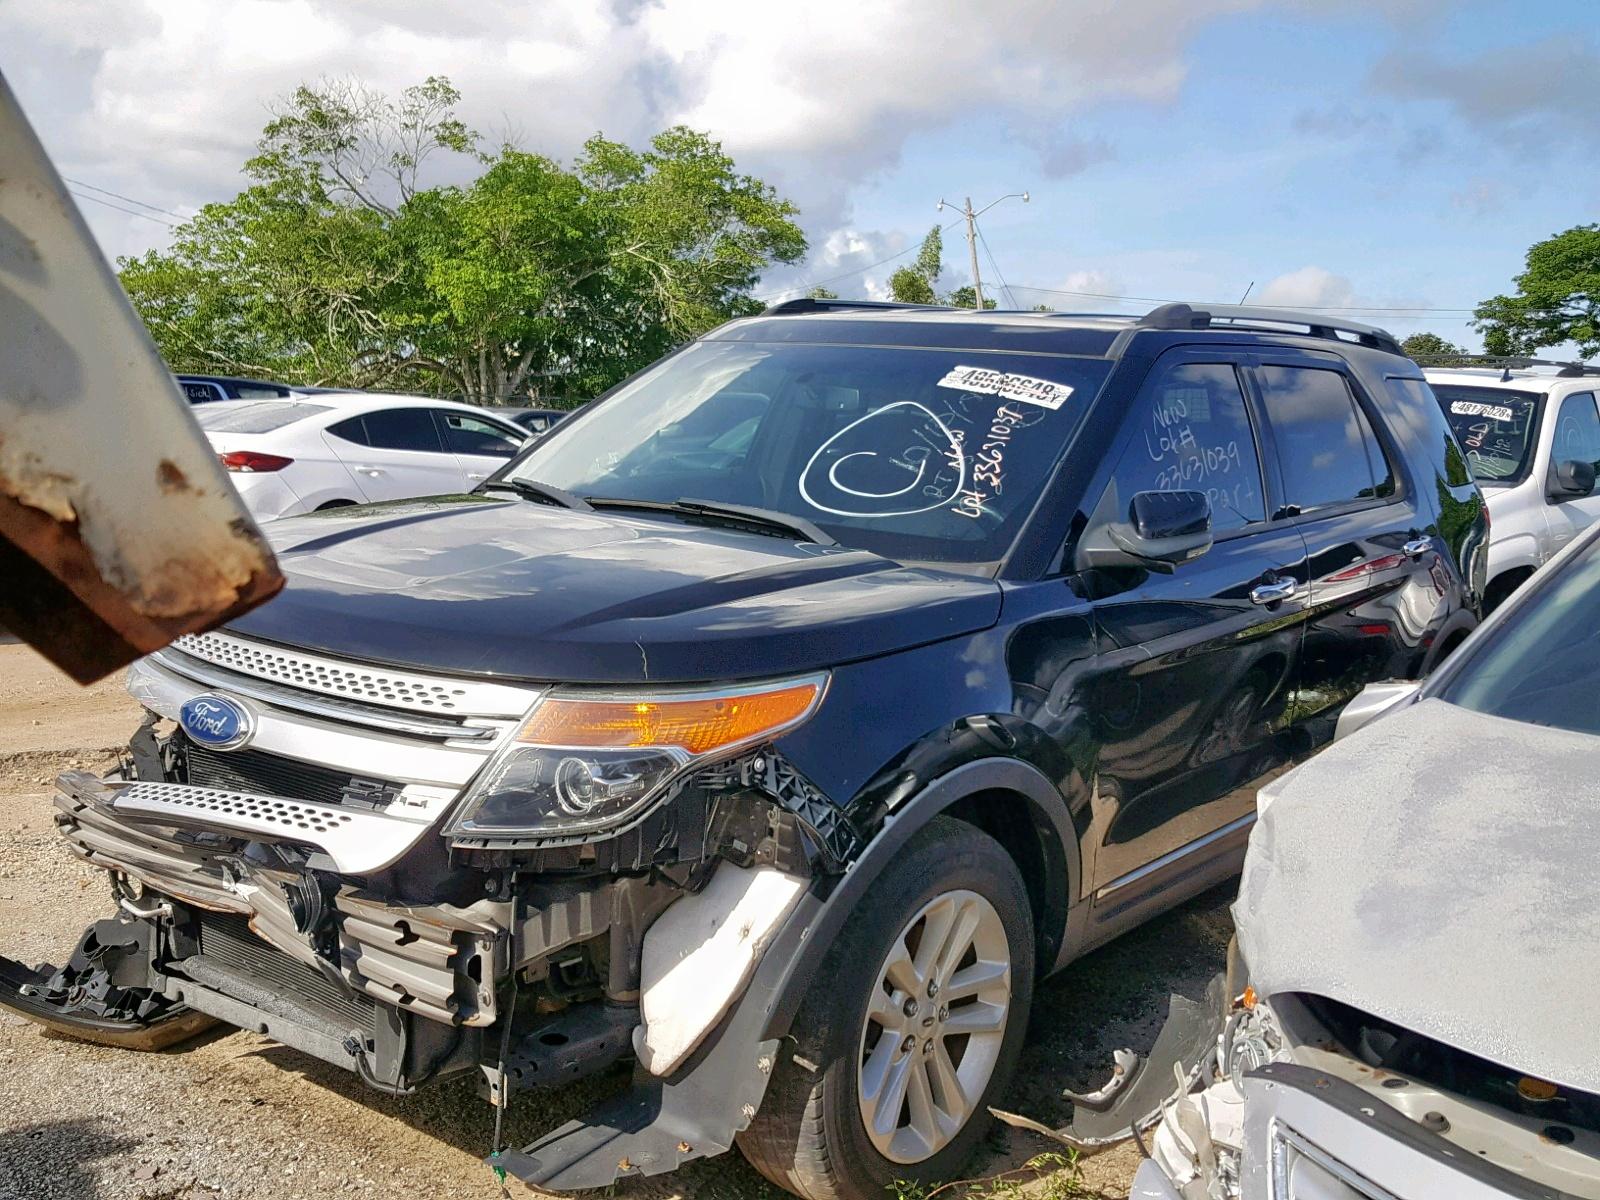 1FMHK7D85CGA54259 - 2012 Ford Explorer X 3.5L Right View